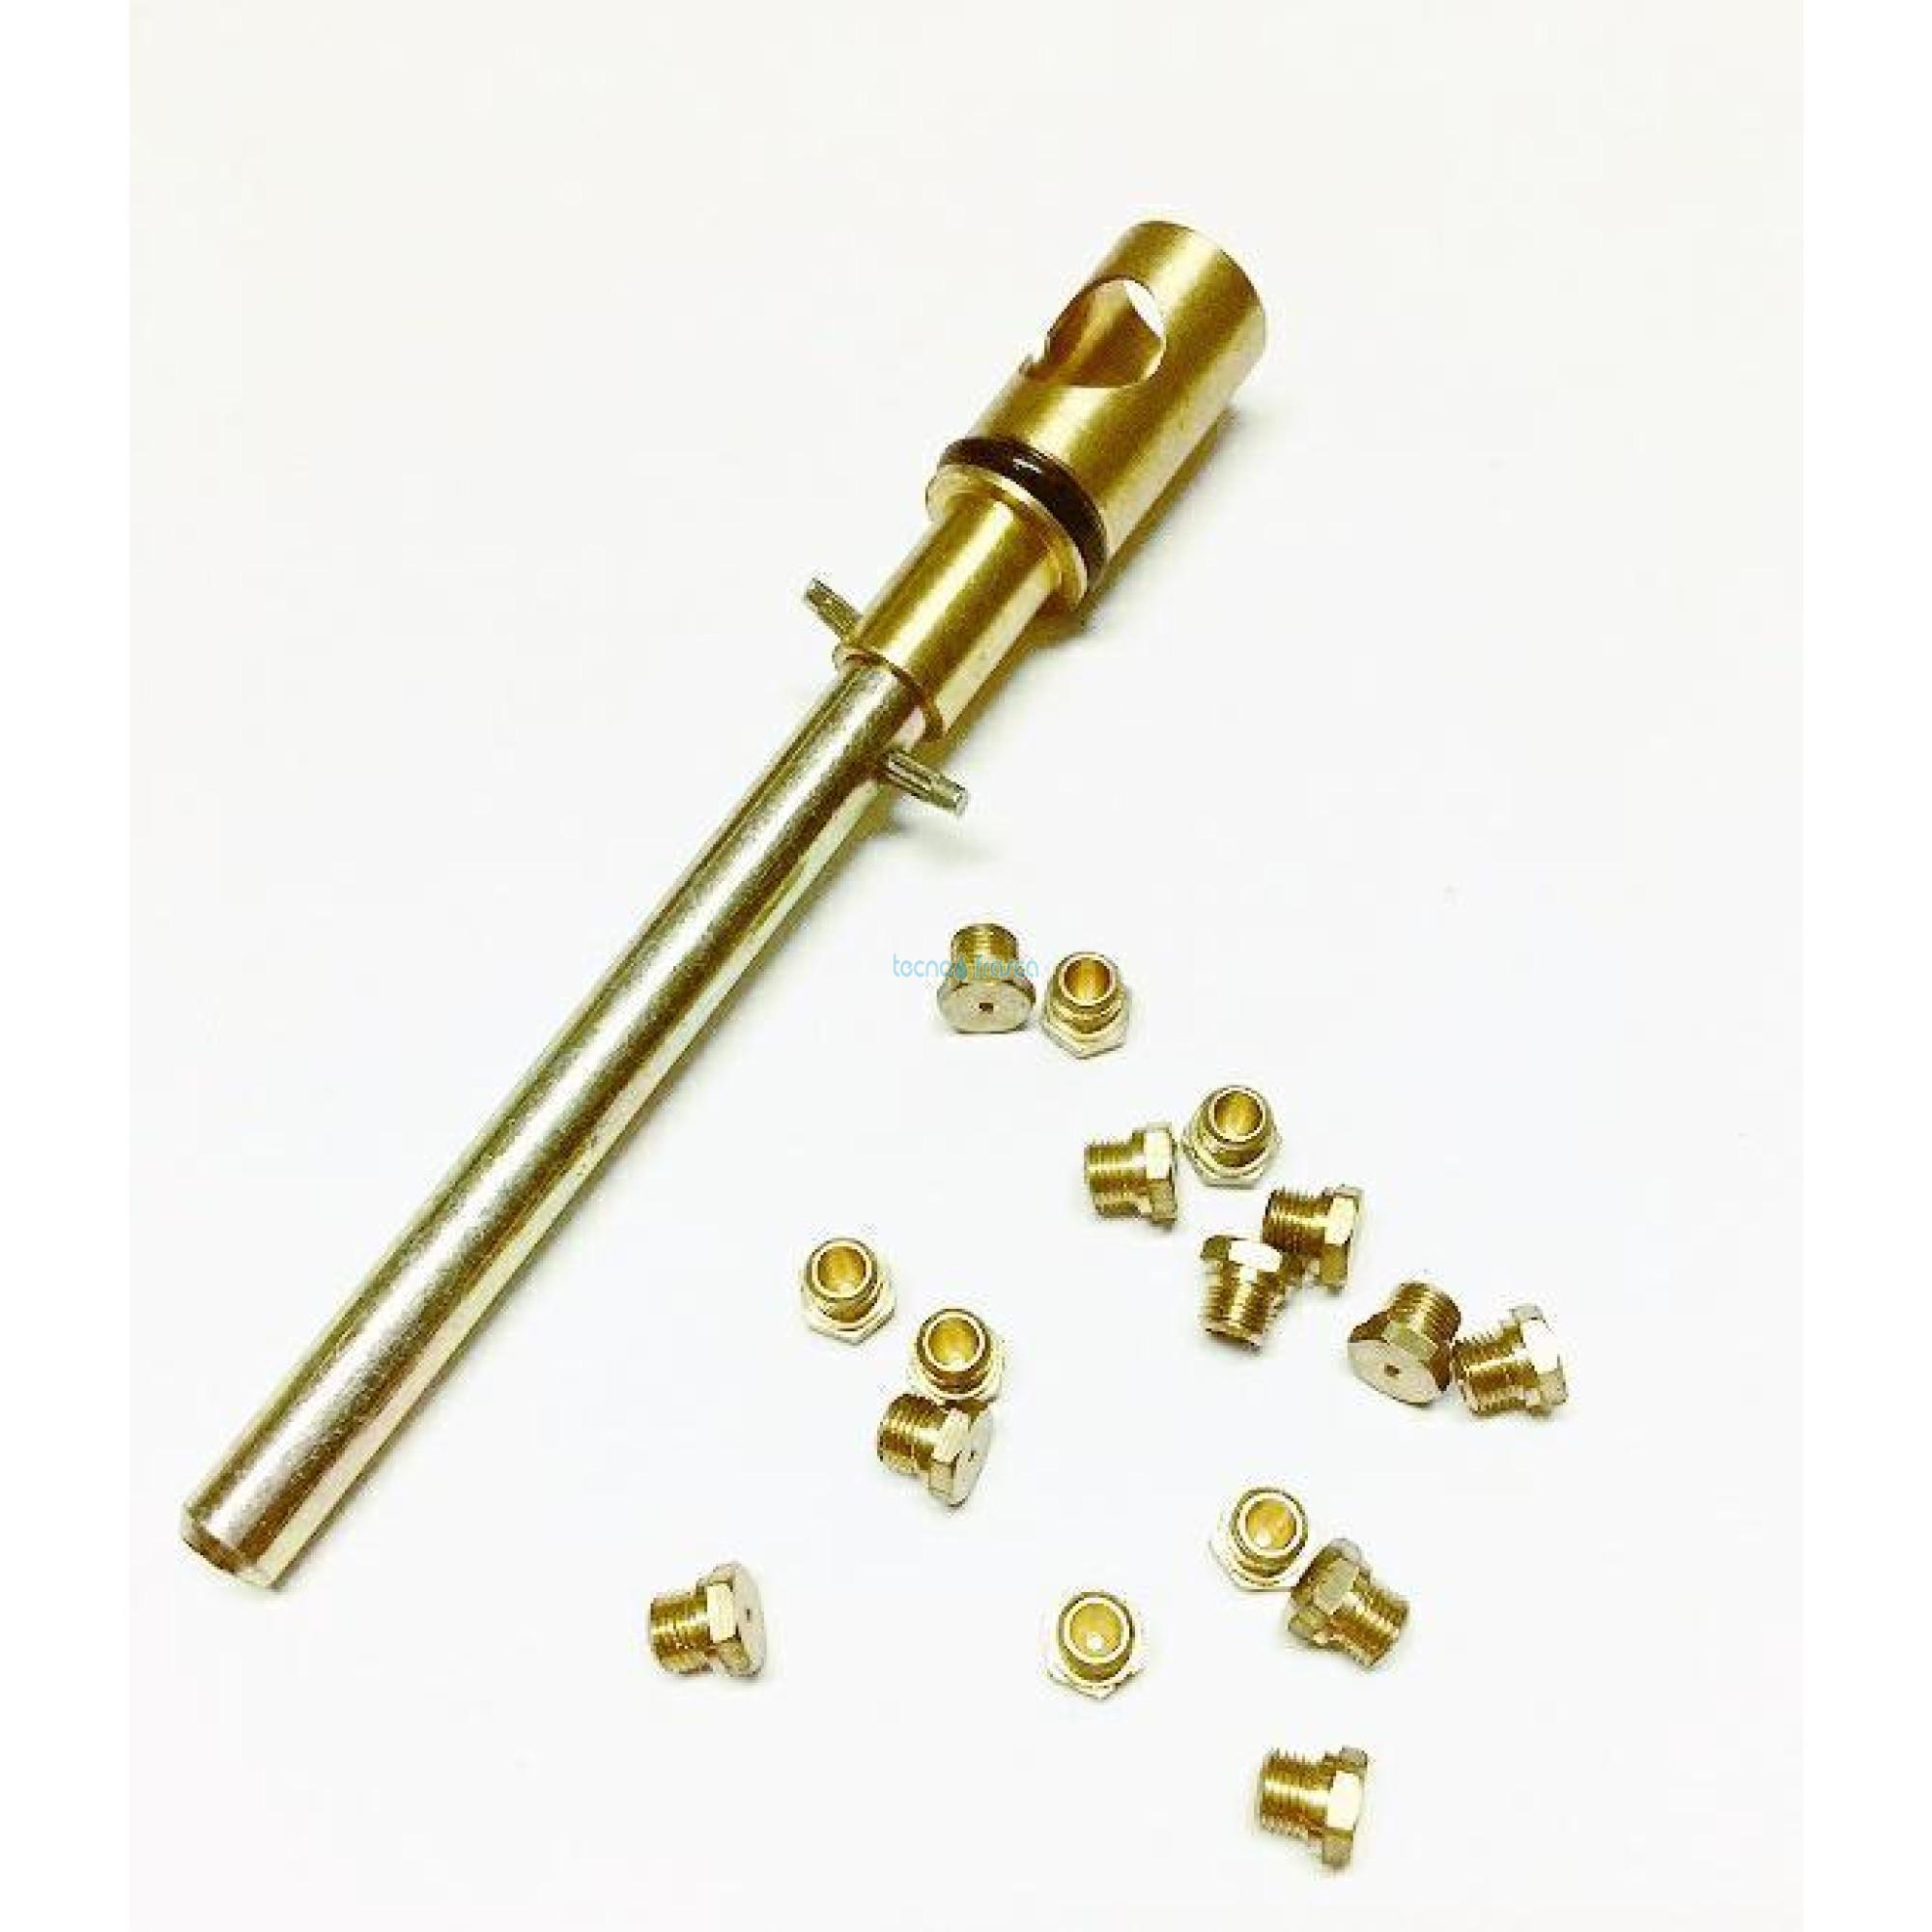 Ferroli 16 ugelli 1,02 regolatore zefiro c14 metano 398c1570